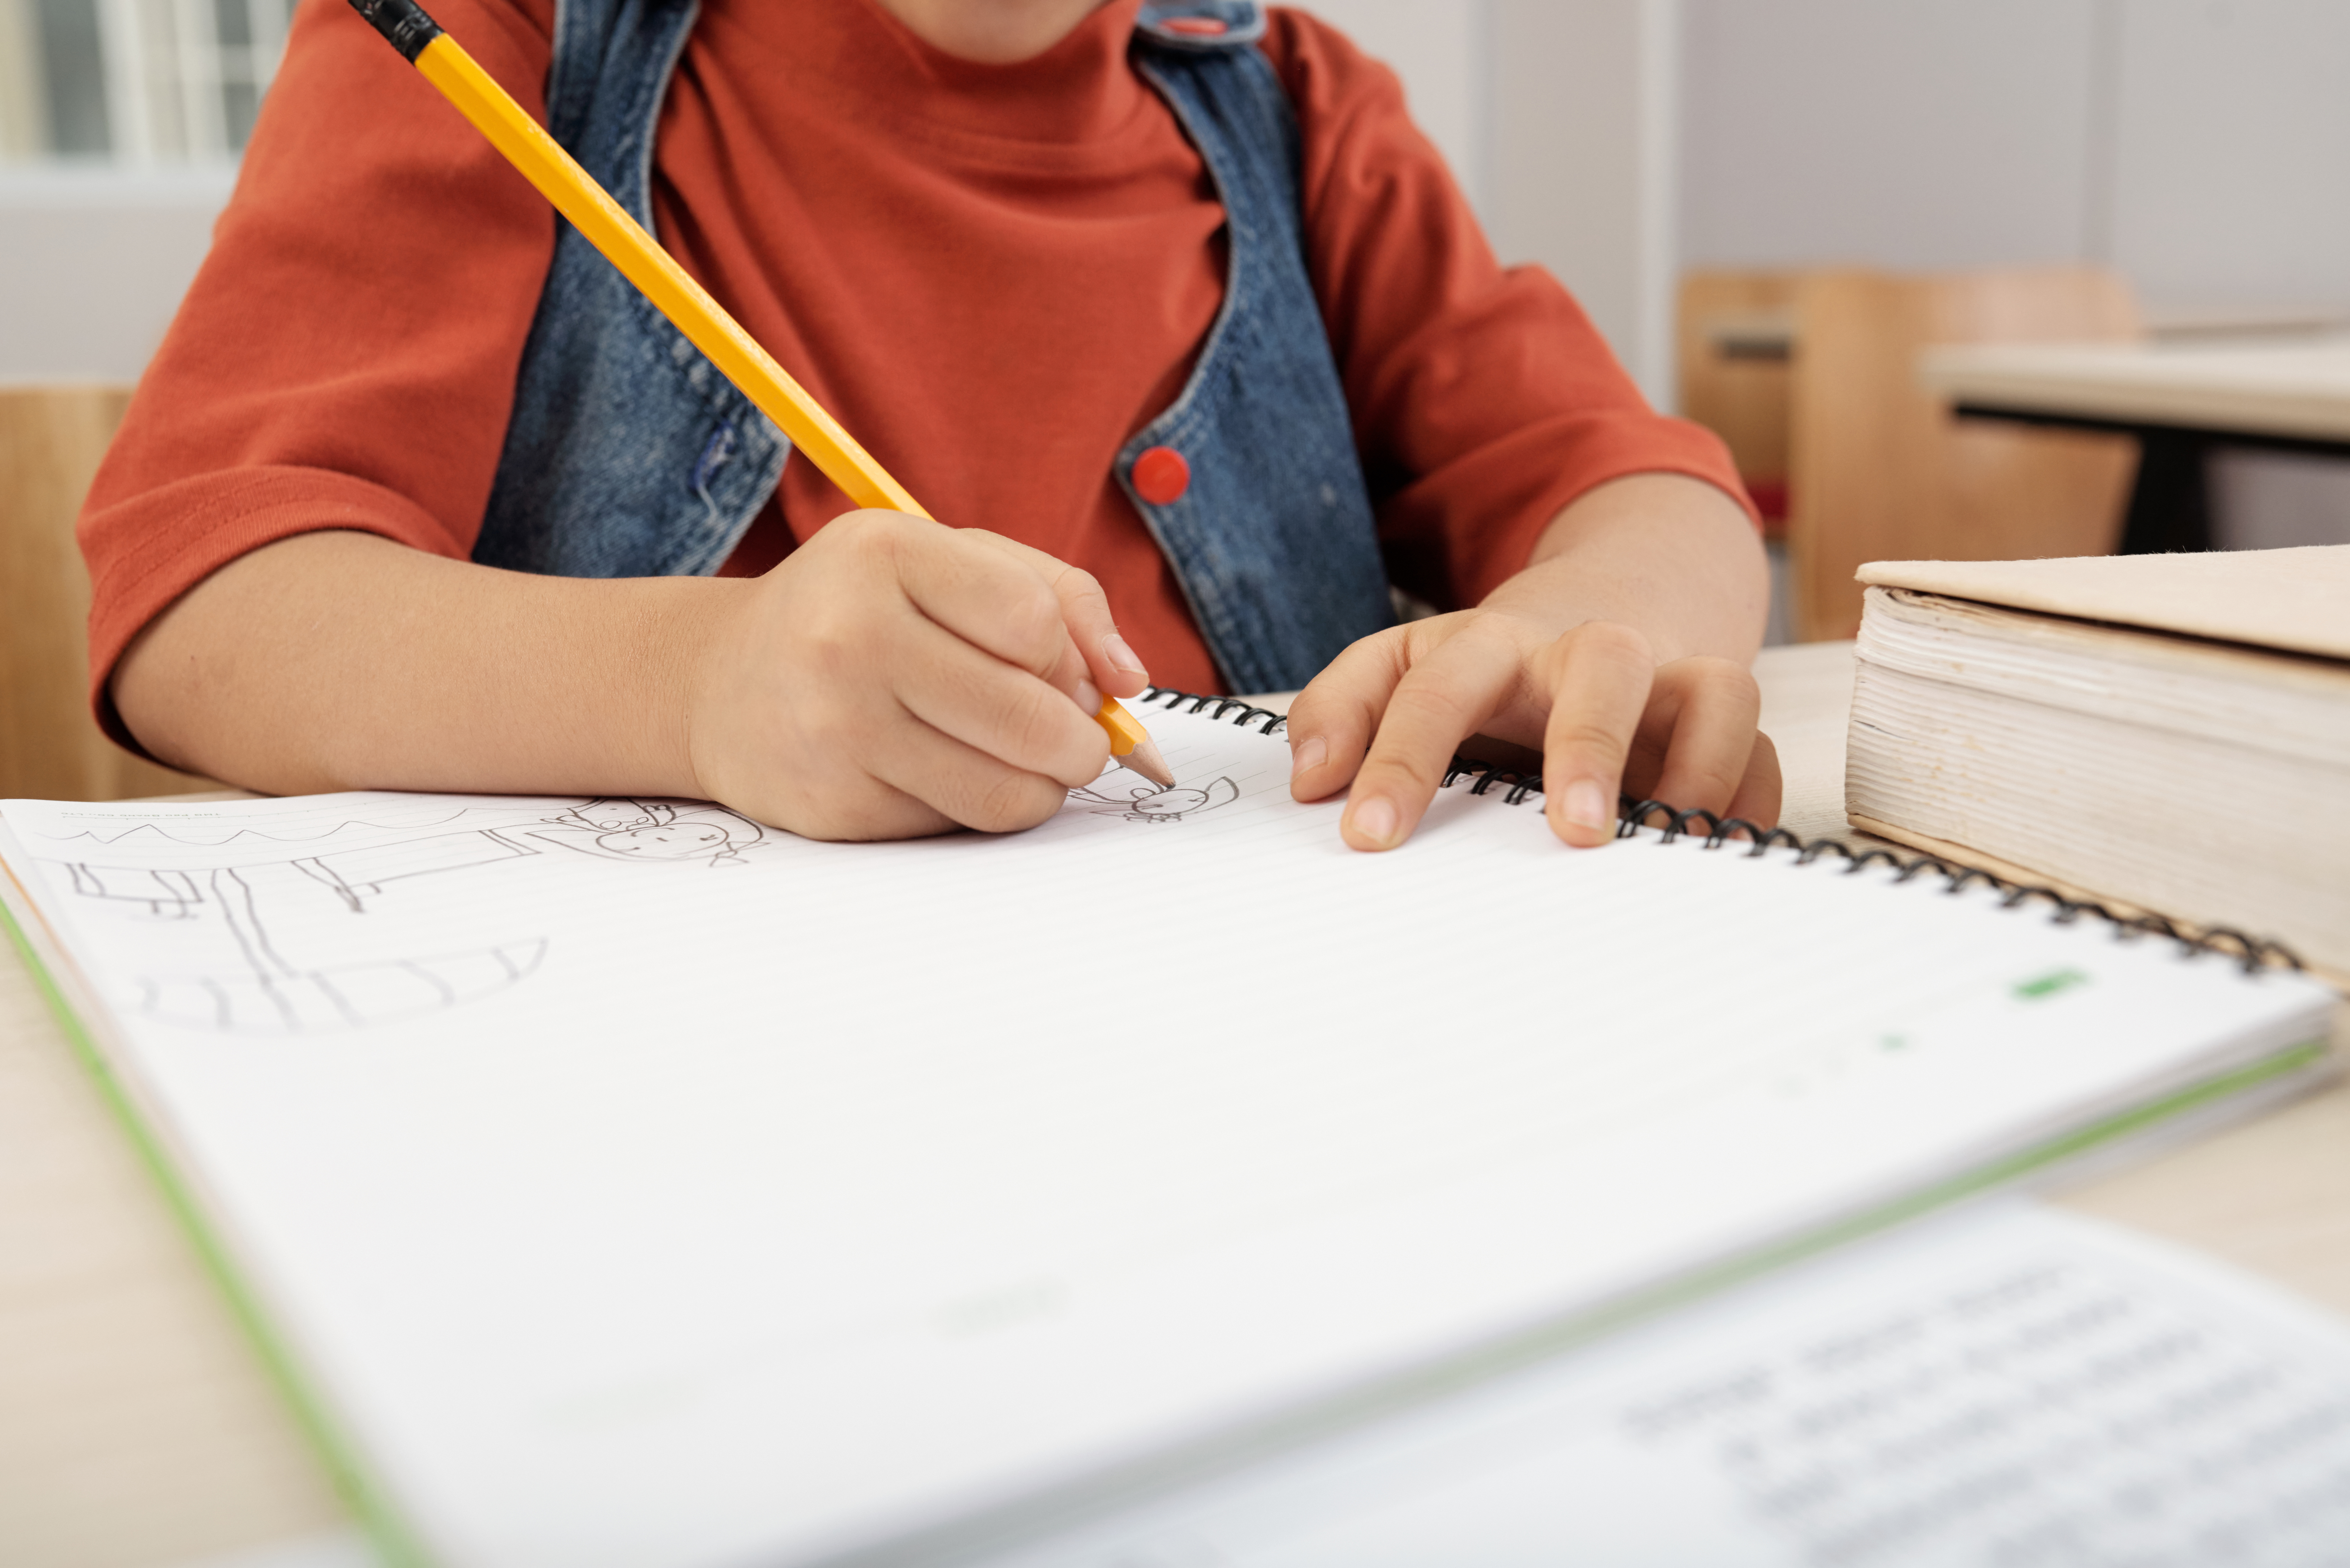 Como inovar seu estoque e estar preparado para a volta às aulas?